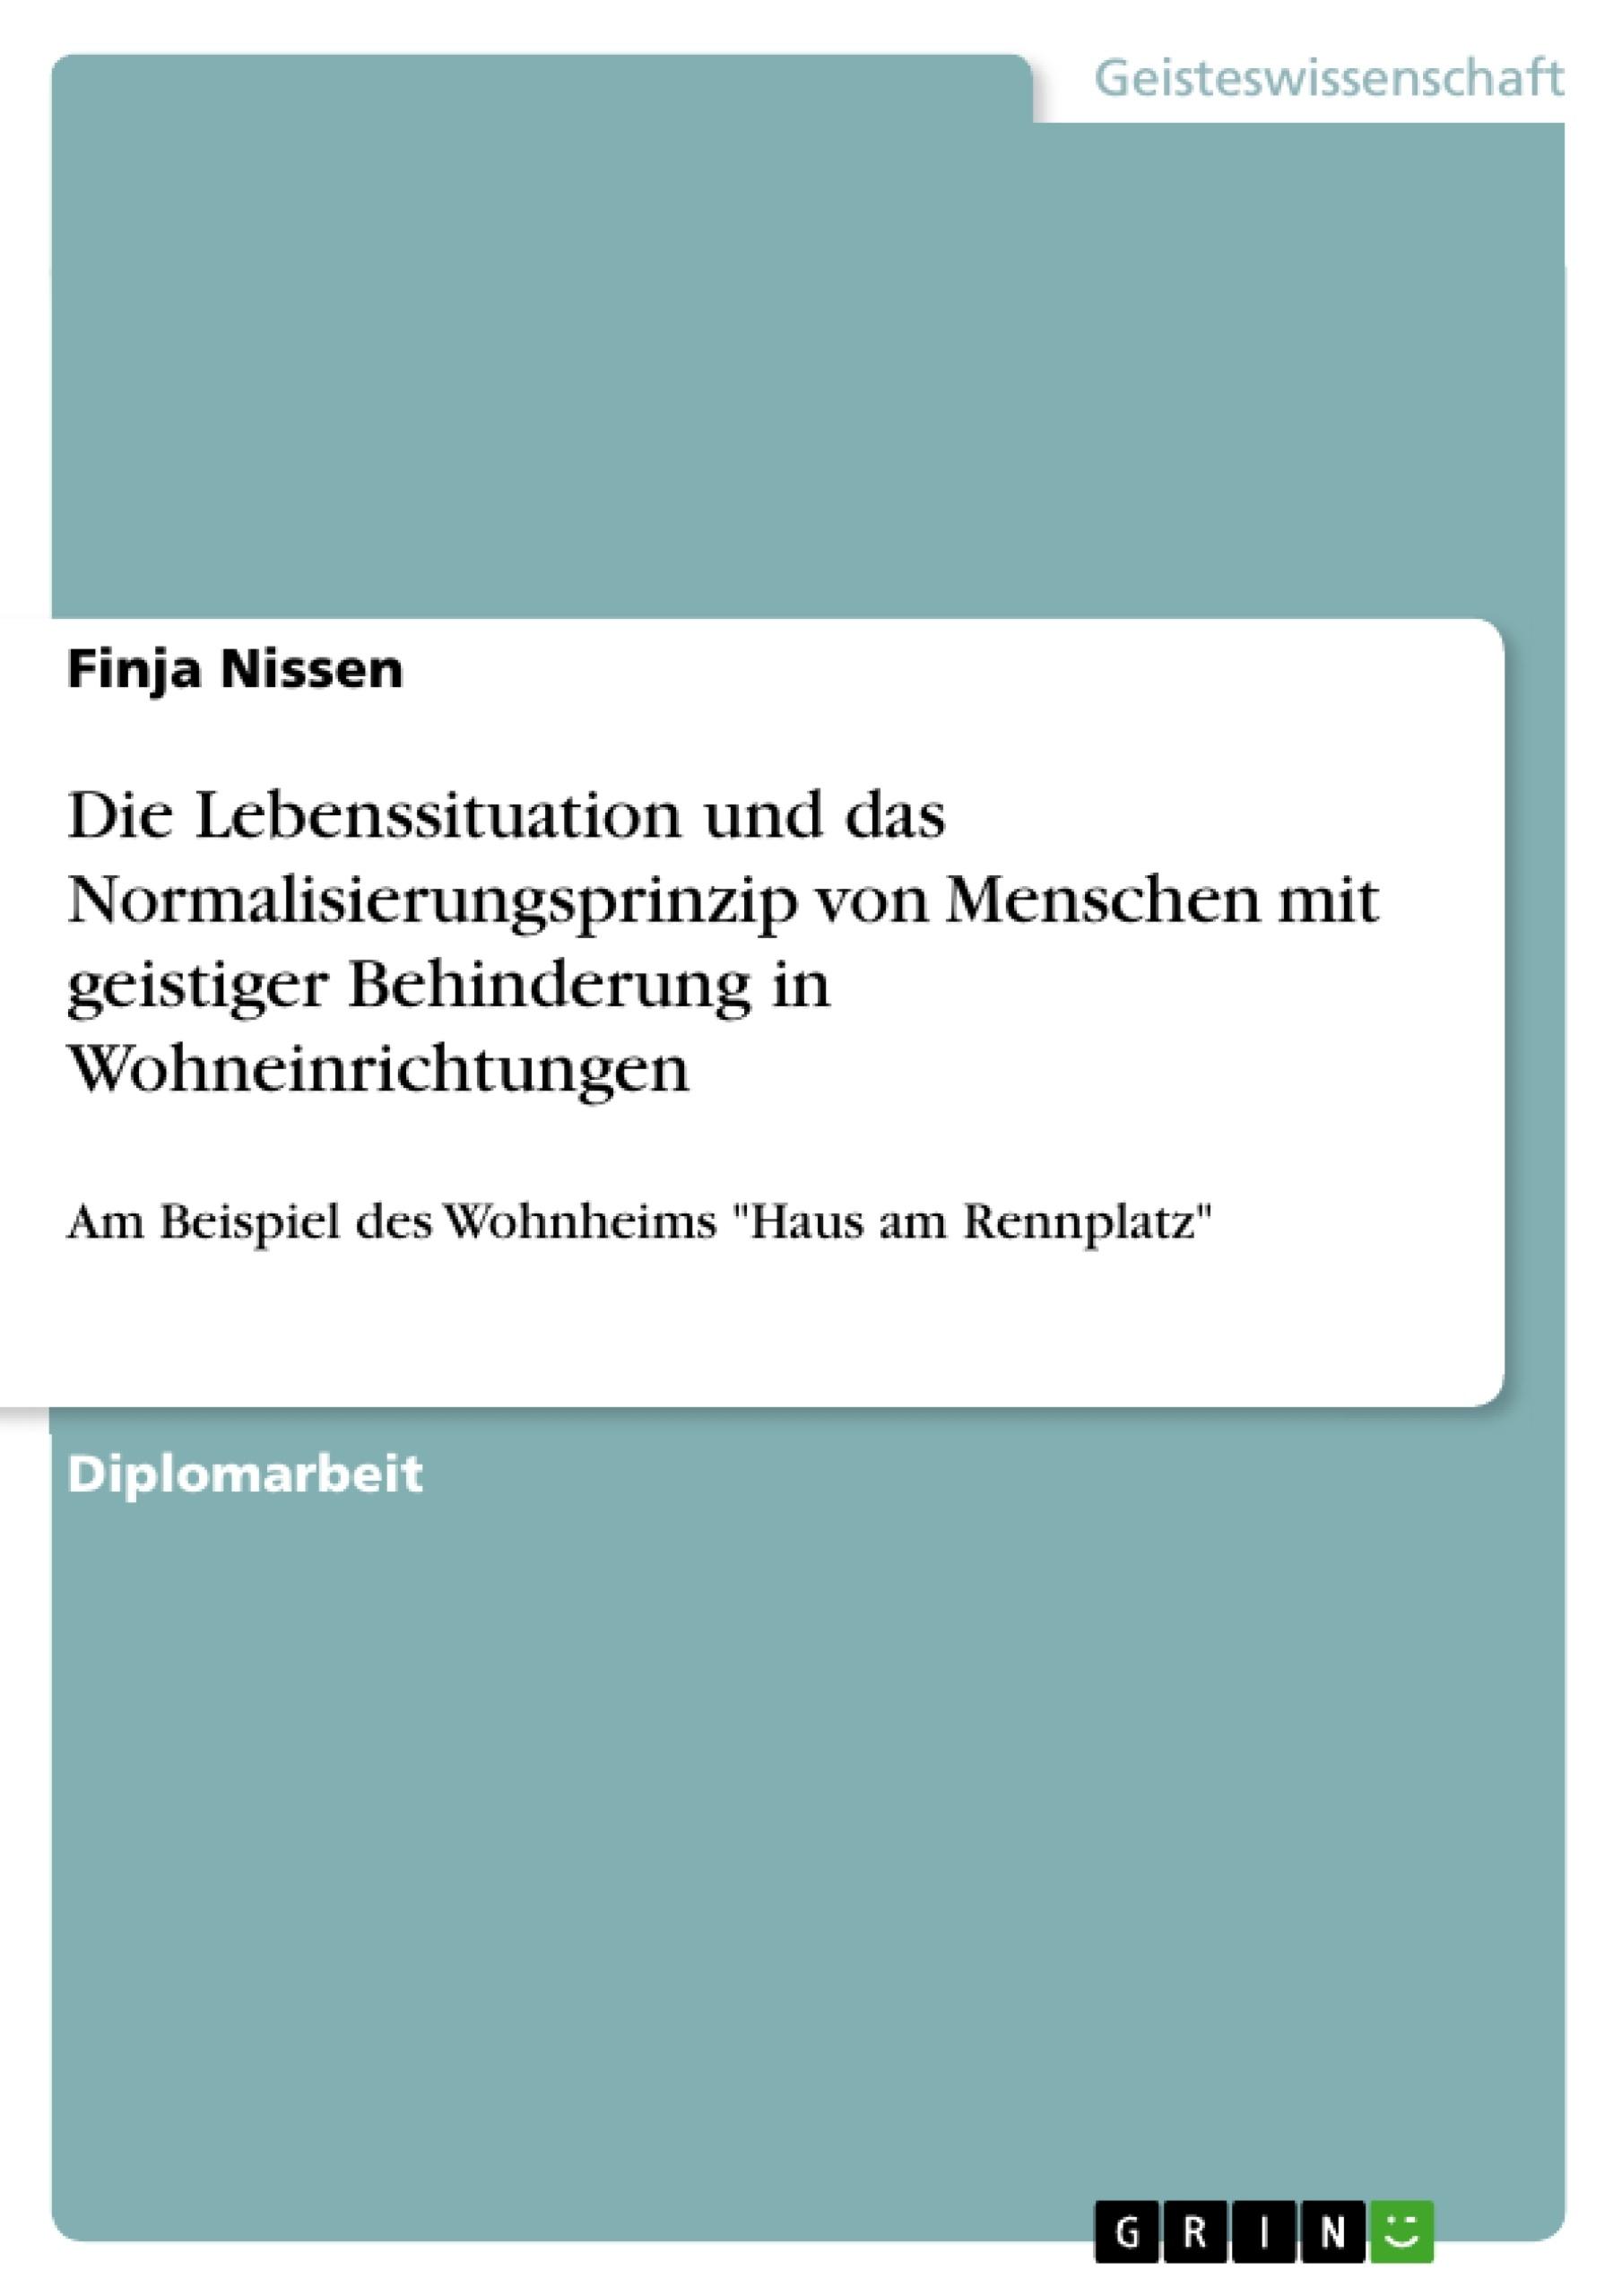 Titel: Die Lebenssituation und das Normalisierungsprinzip von Menschen mit geistiger Behinderung in Wohneinrichtungen